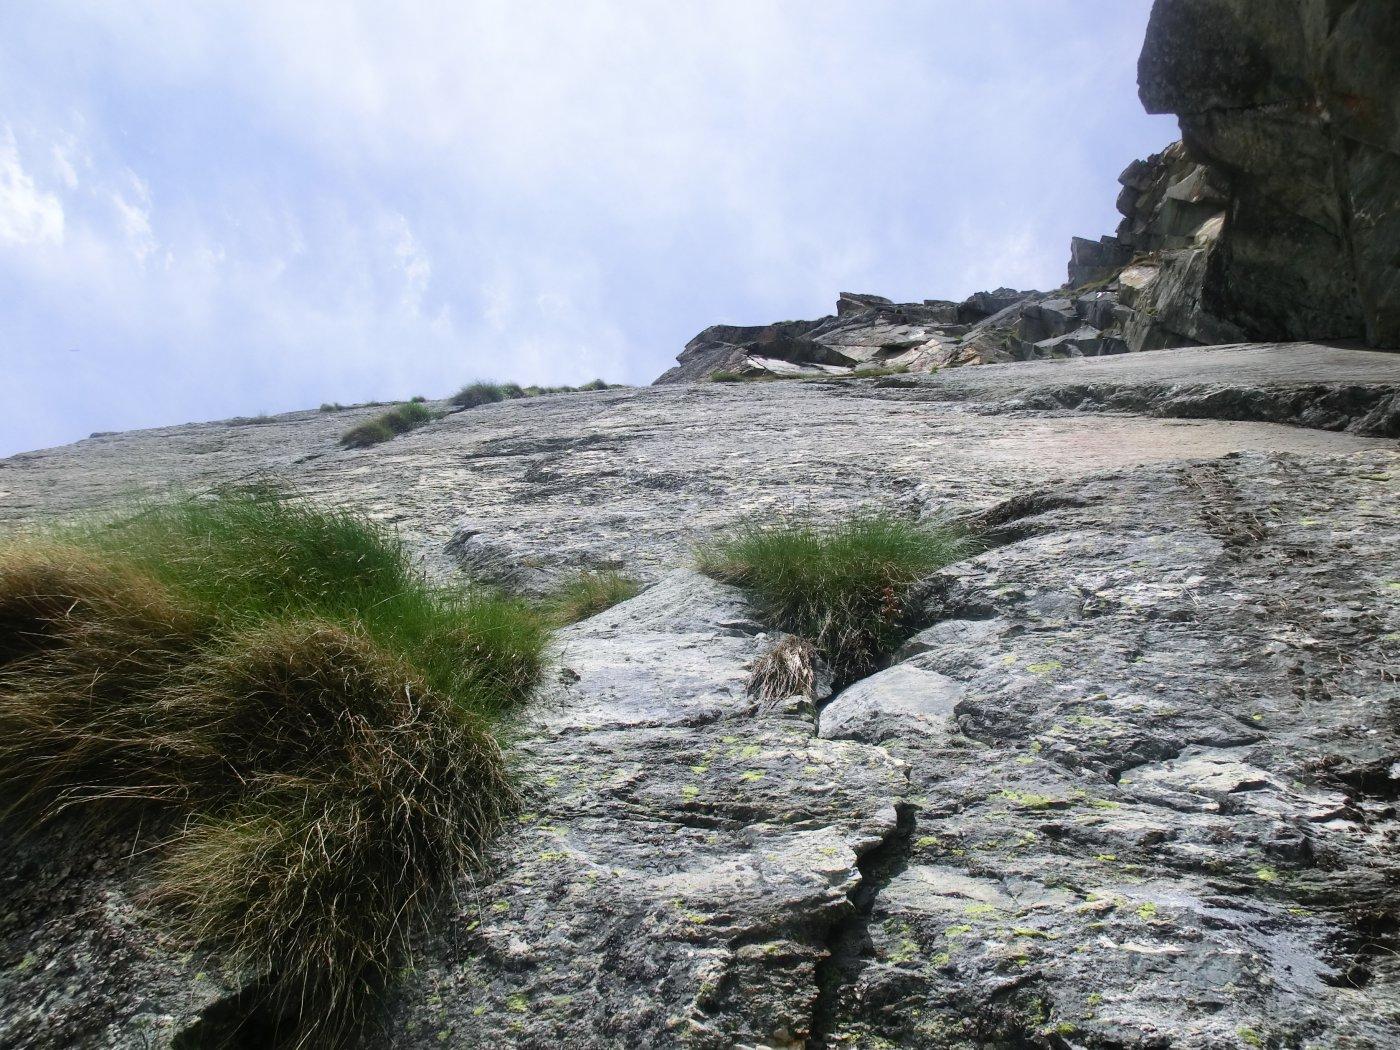 Le teppe erbose...si noti la sfilza a SX in alto ad ingombrare la fessura